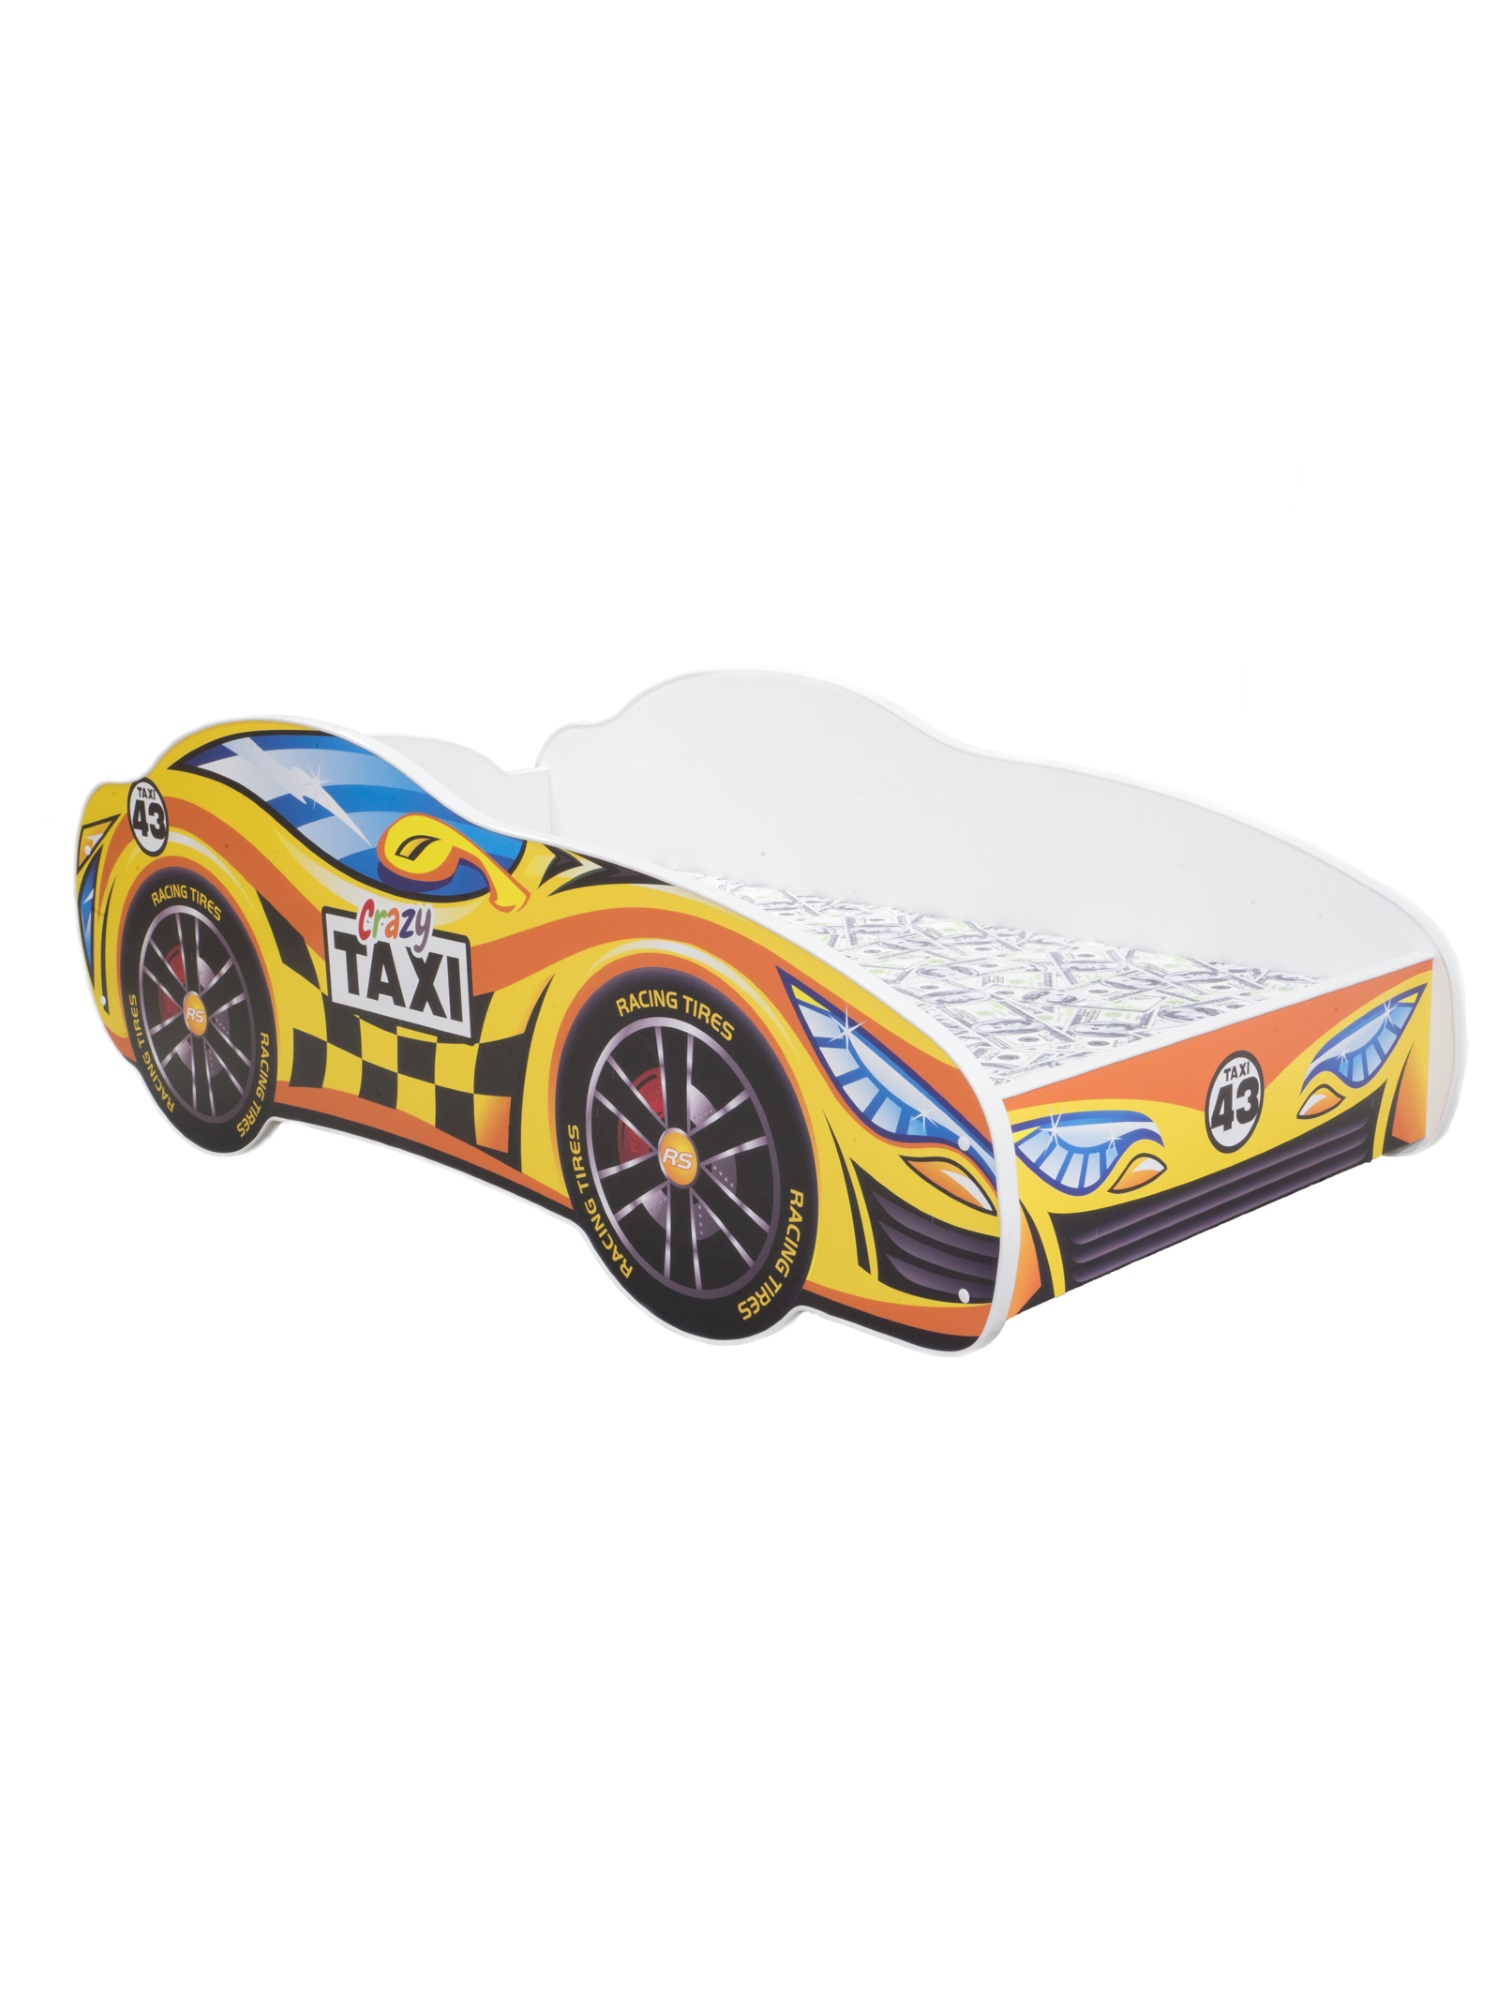 Racing Car TAXI – 01